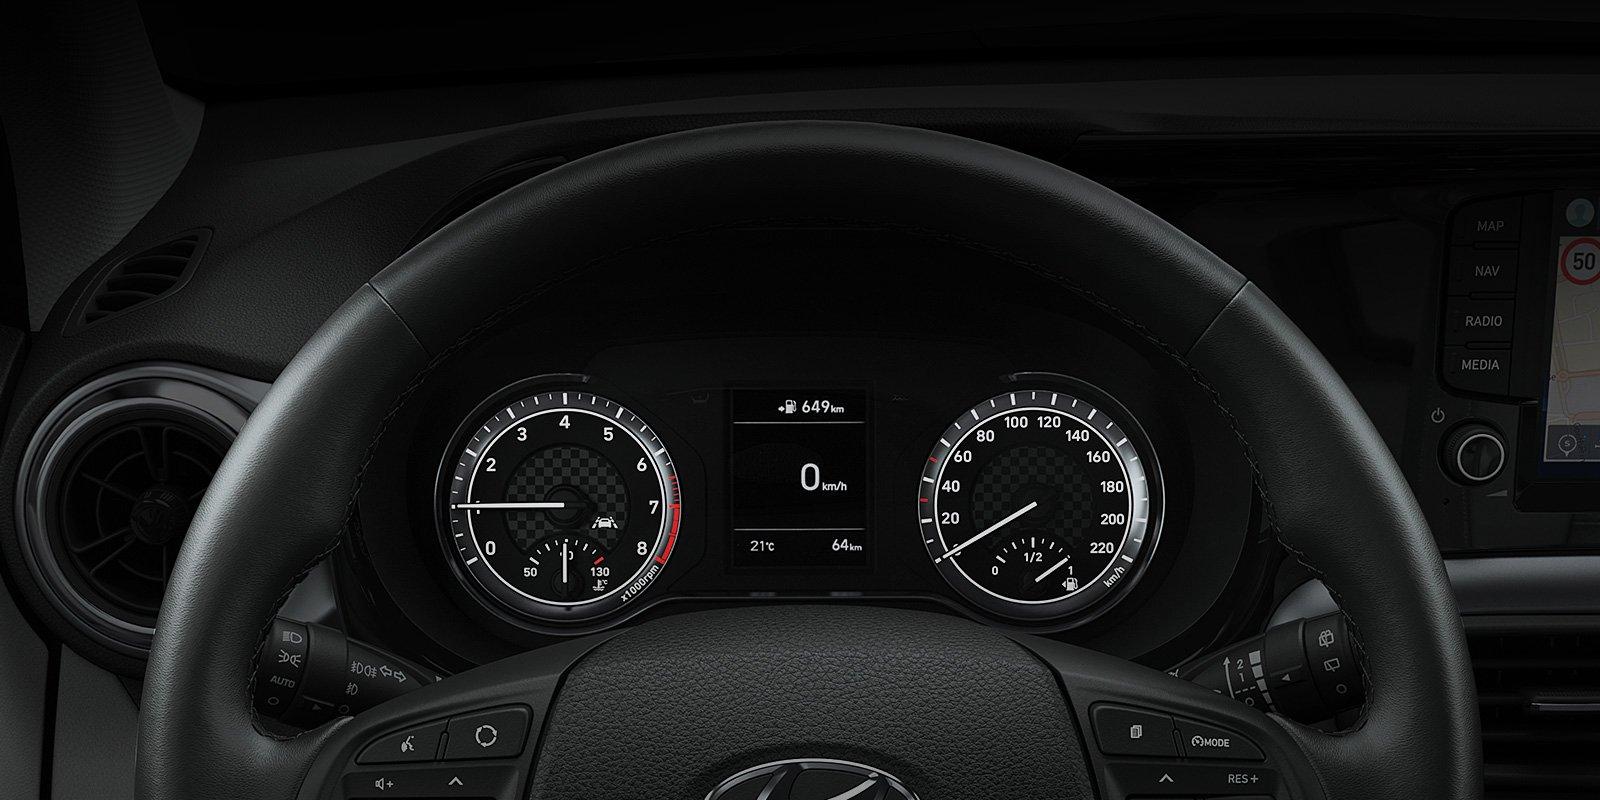 Equipement Hyundai i10 Nouvelle Génération